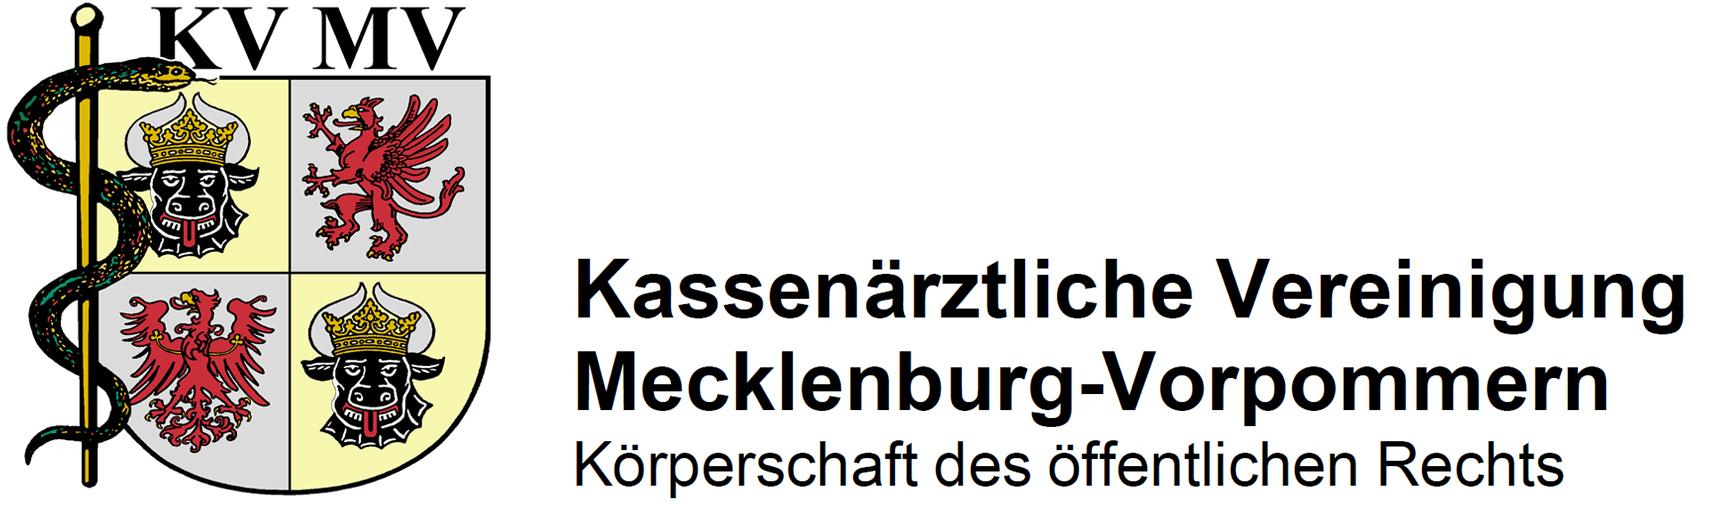 Kassenärztliche Vereinigung Mecklenburg-Vorpommern